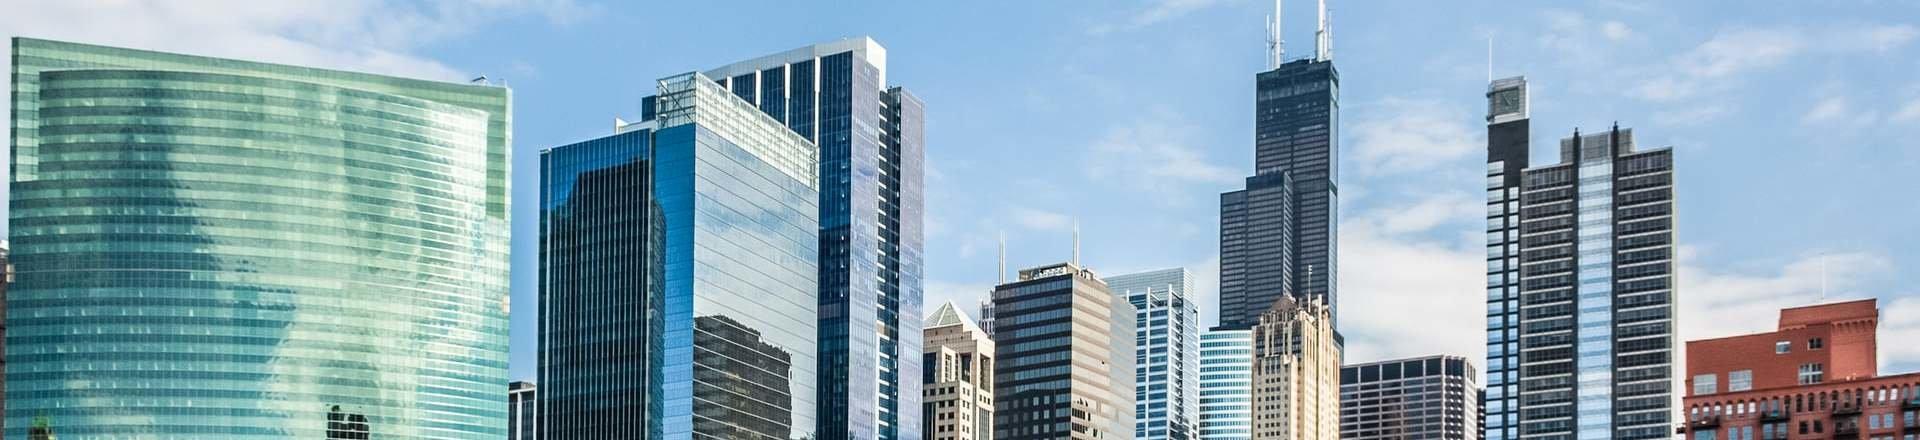 Hoteles en chicago baratos desde 982 destinia for Hoteles en chicago